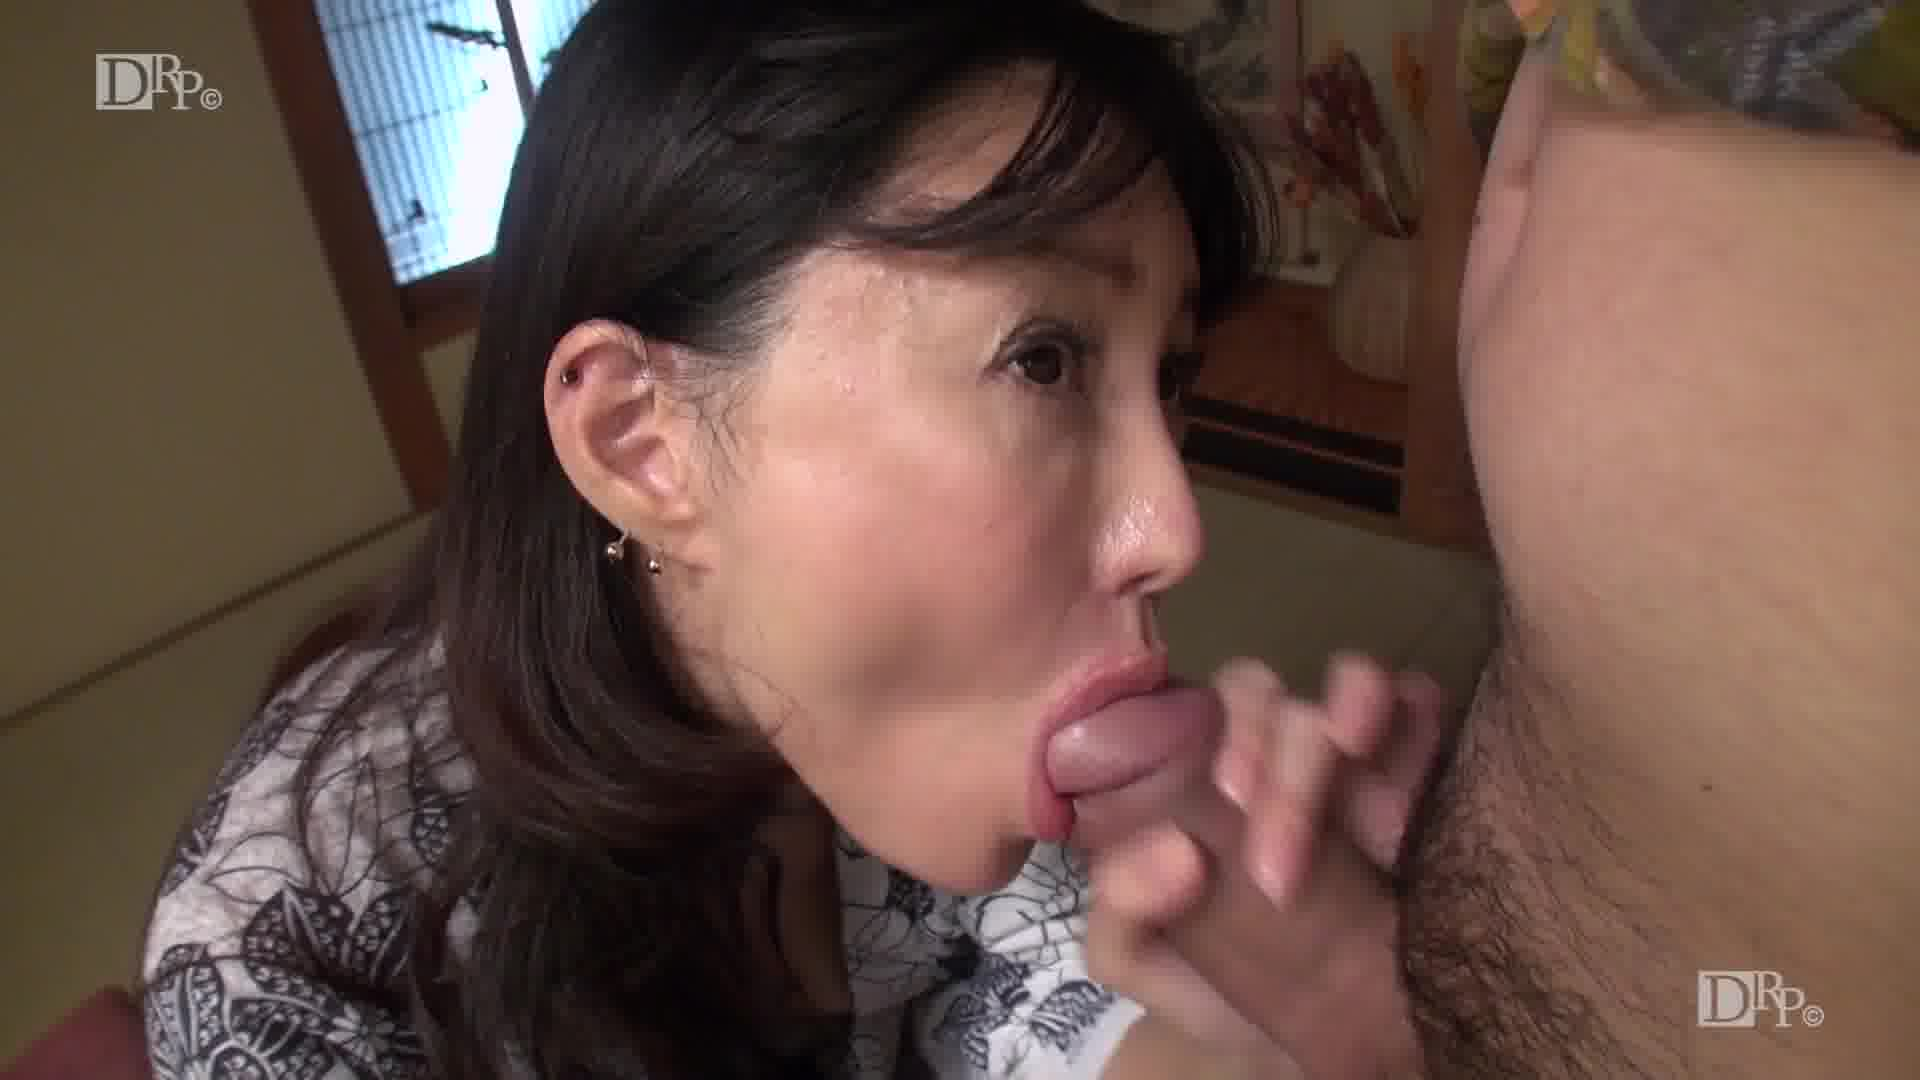 しくまれたスワッピング温泉旅行 - 逢沢はるか【痴女・乱交・巨乳】